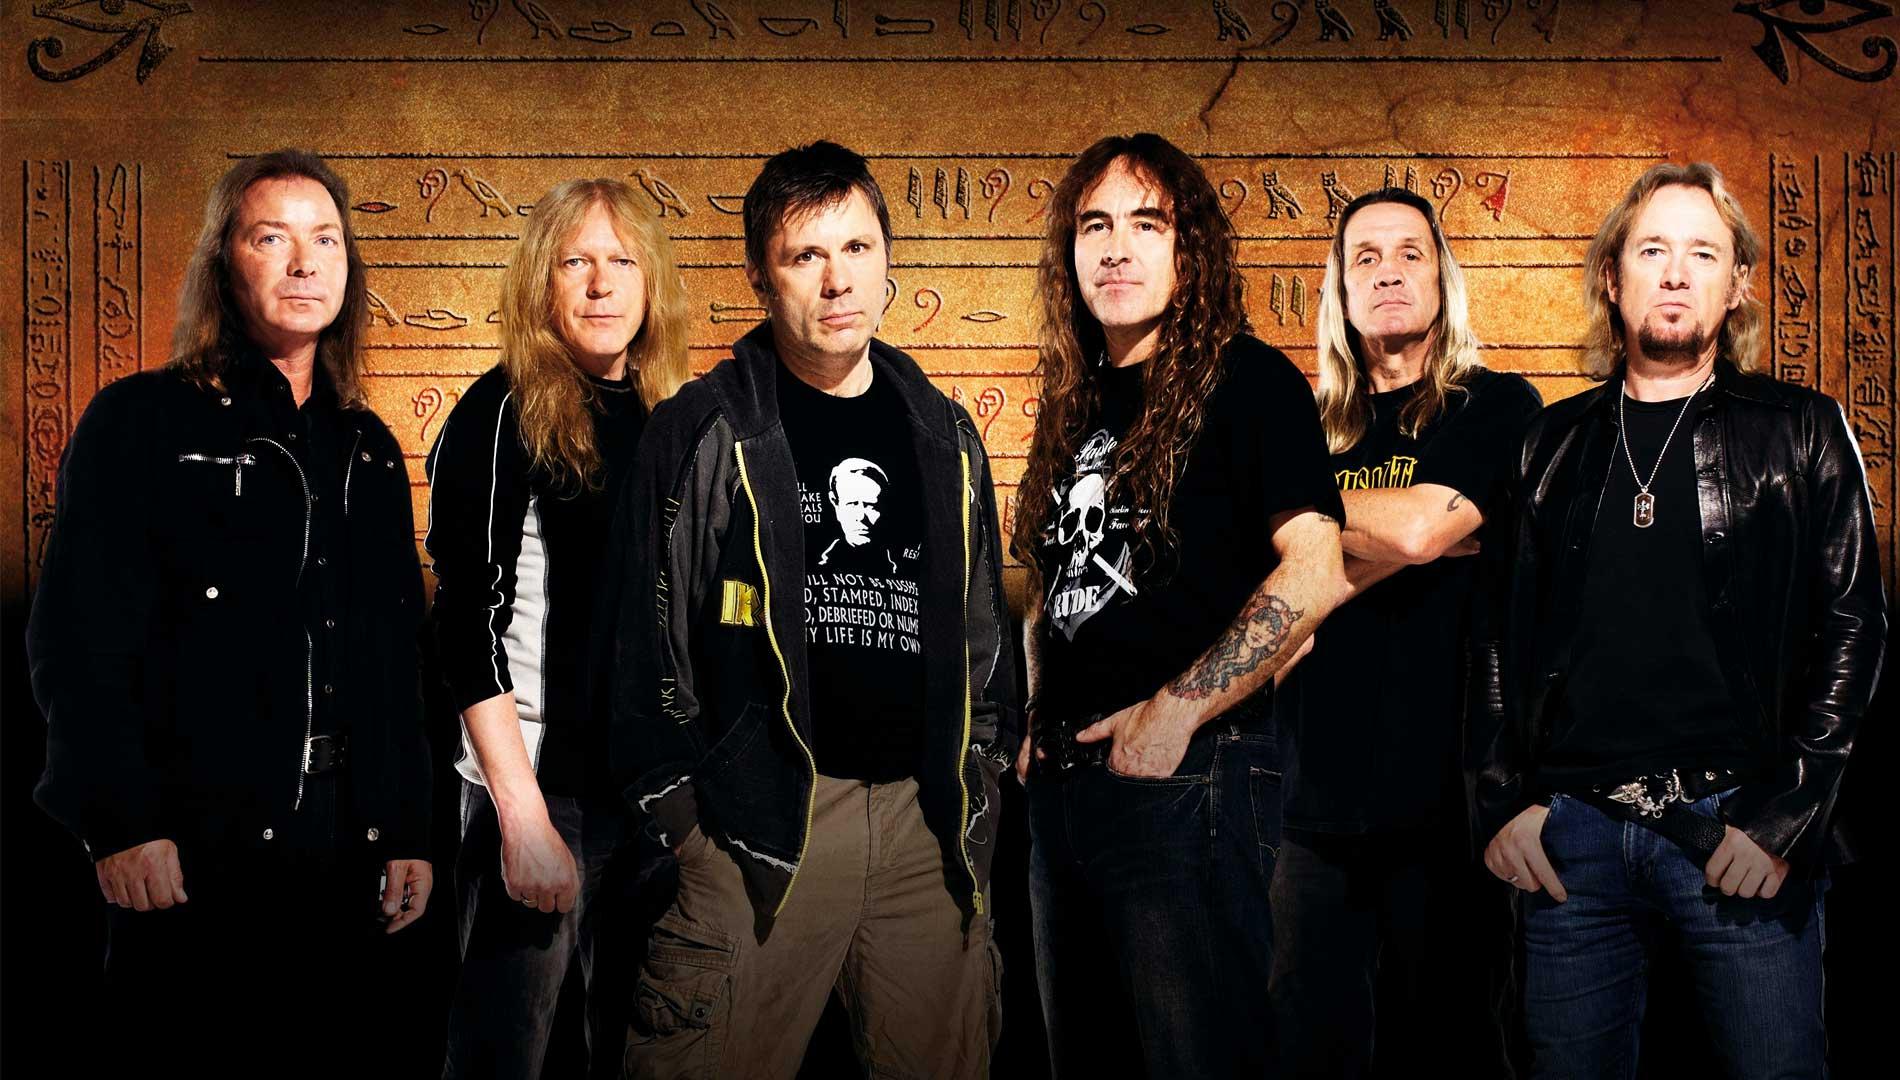 Top 5 albuma Iron Maiden-a